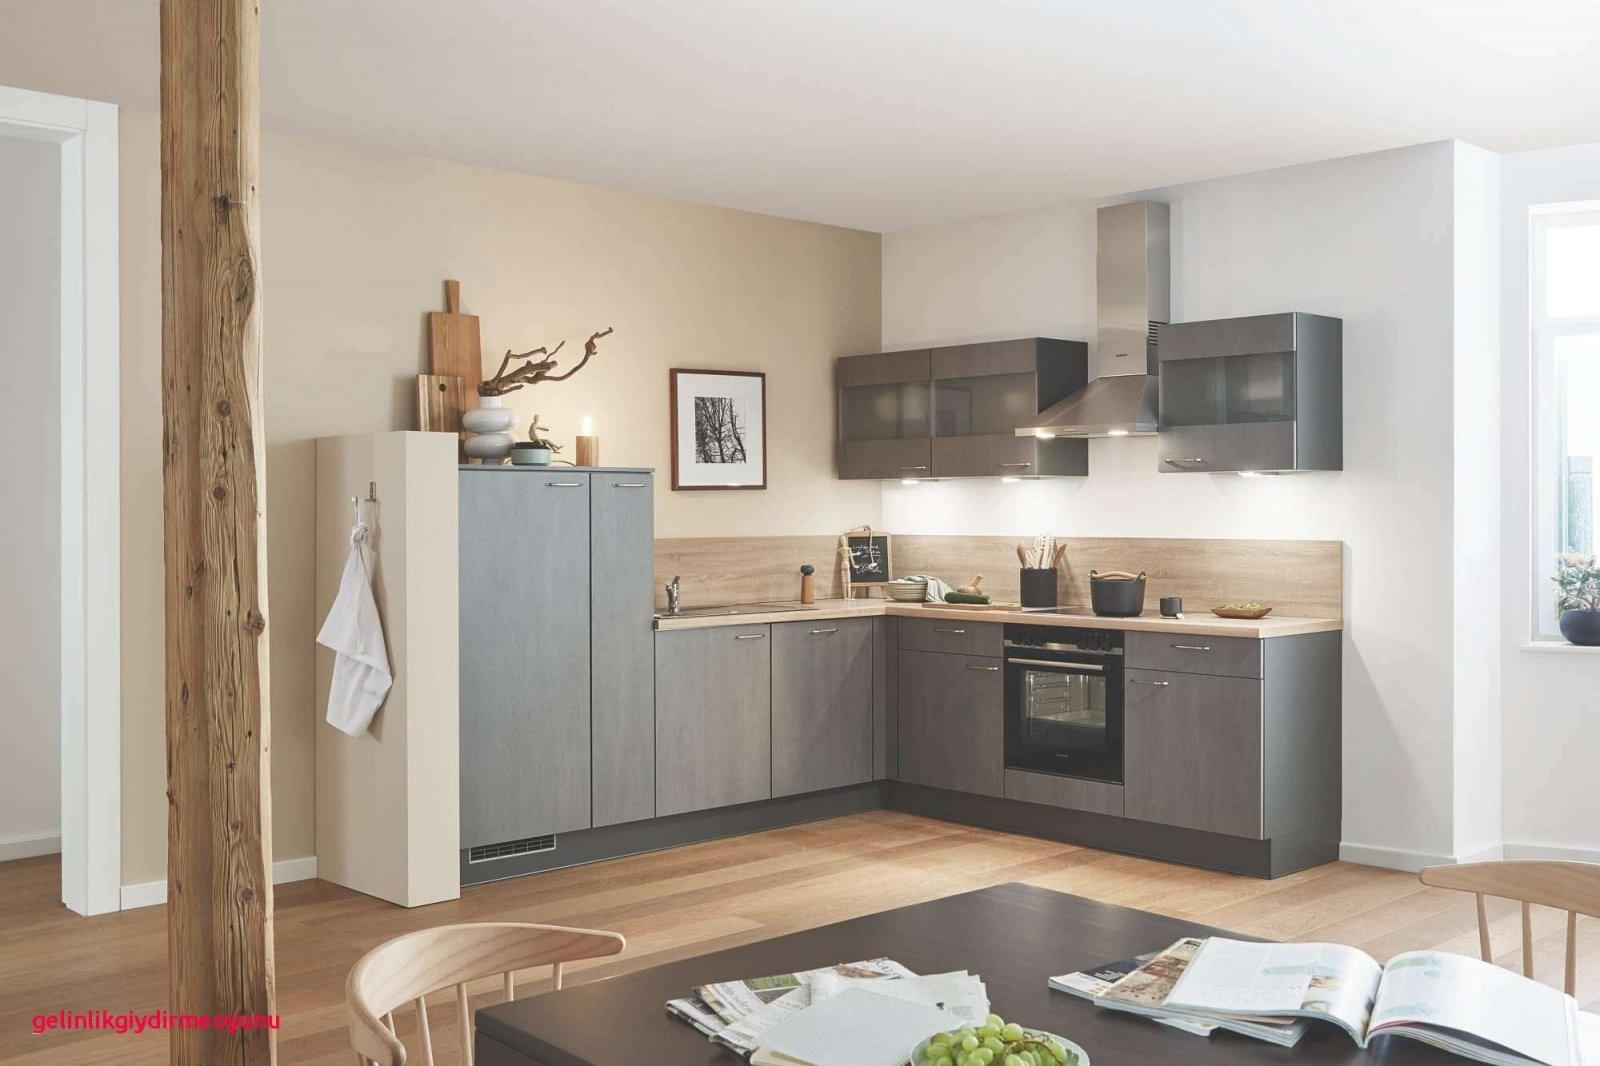 45 Luxus Deko Ideen Küche Galerie Von Küche Deko Wand Design 283D von Deko Ideen Küche Wand Bild